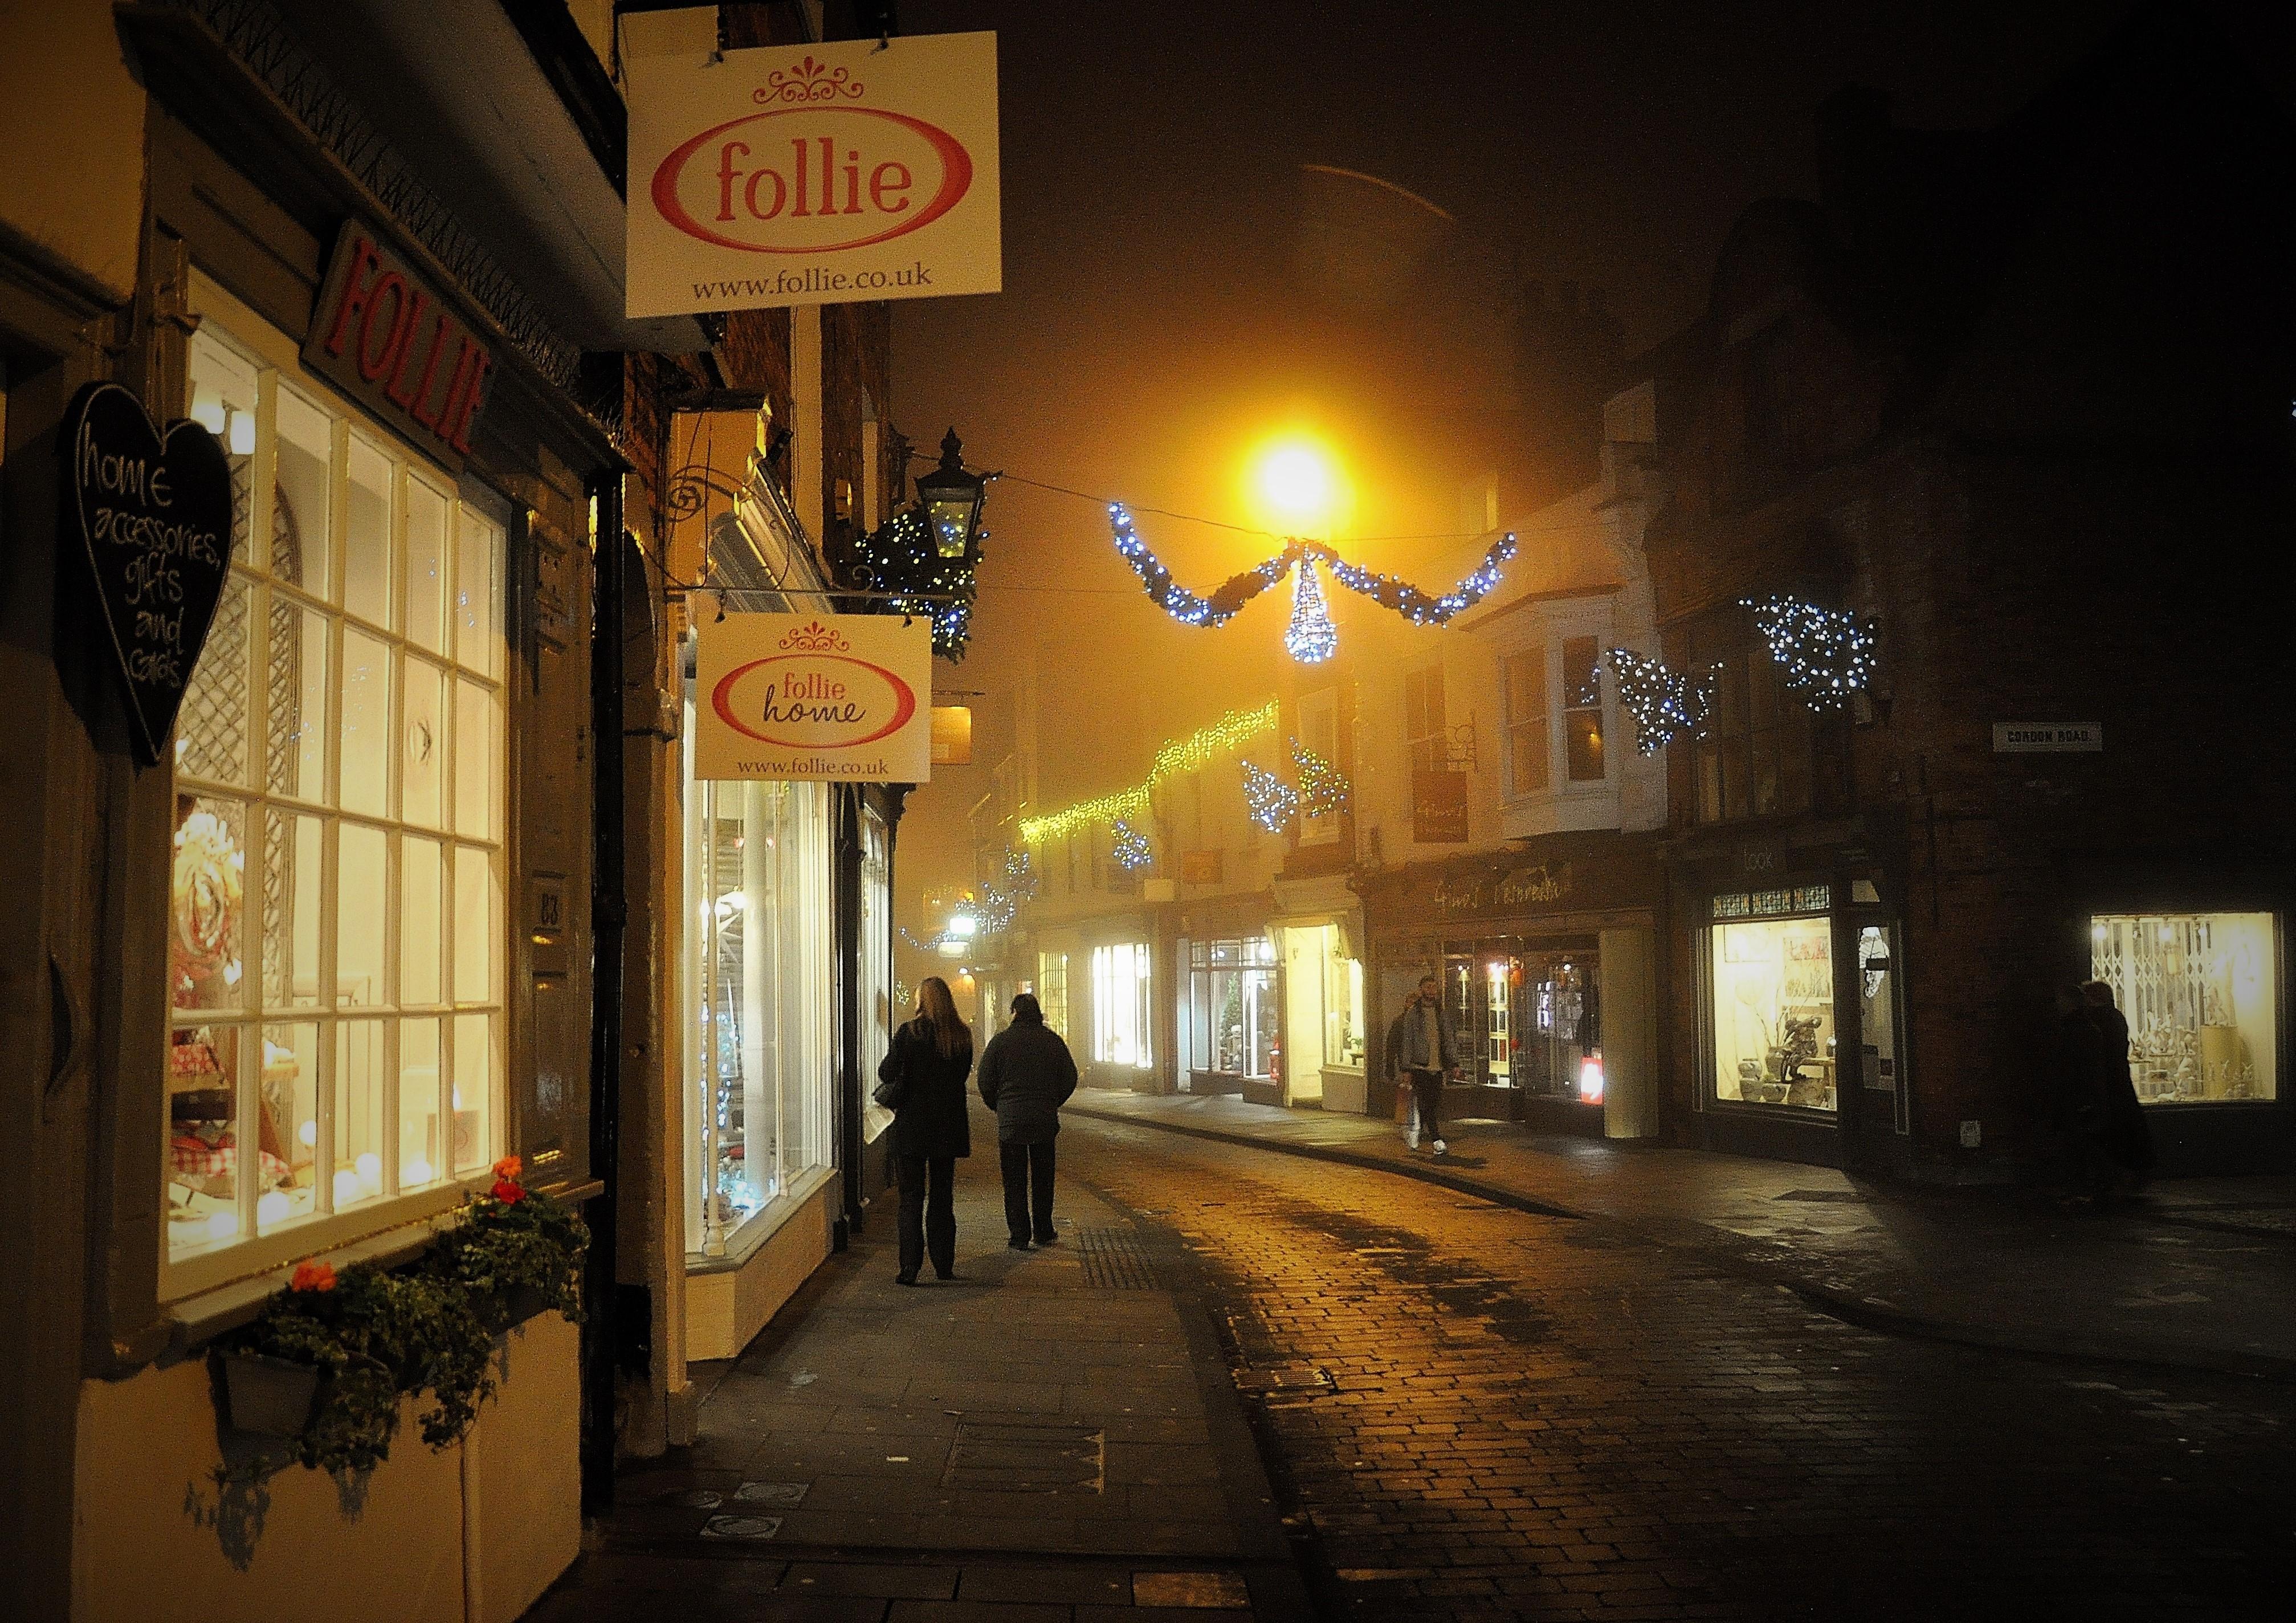 Wallpaper : street, night, road, England, evening, door, British